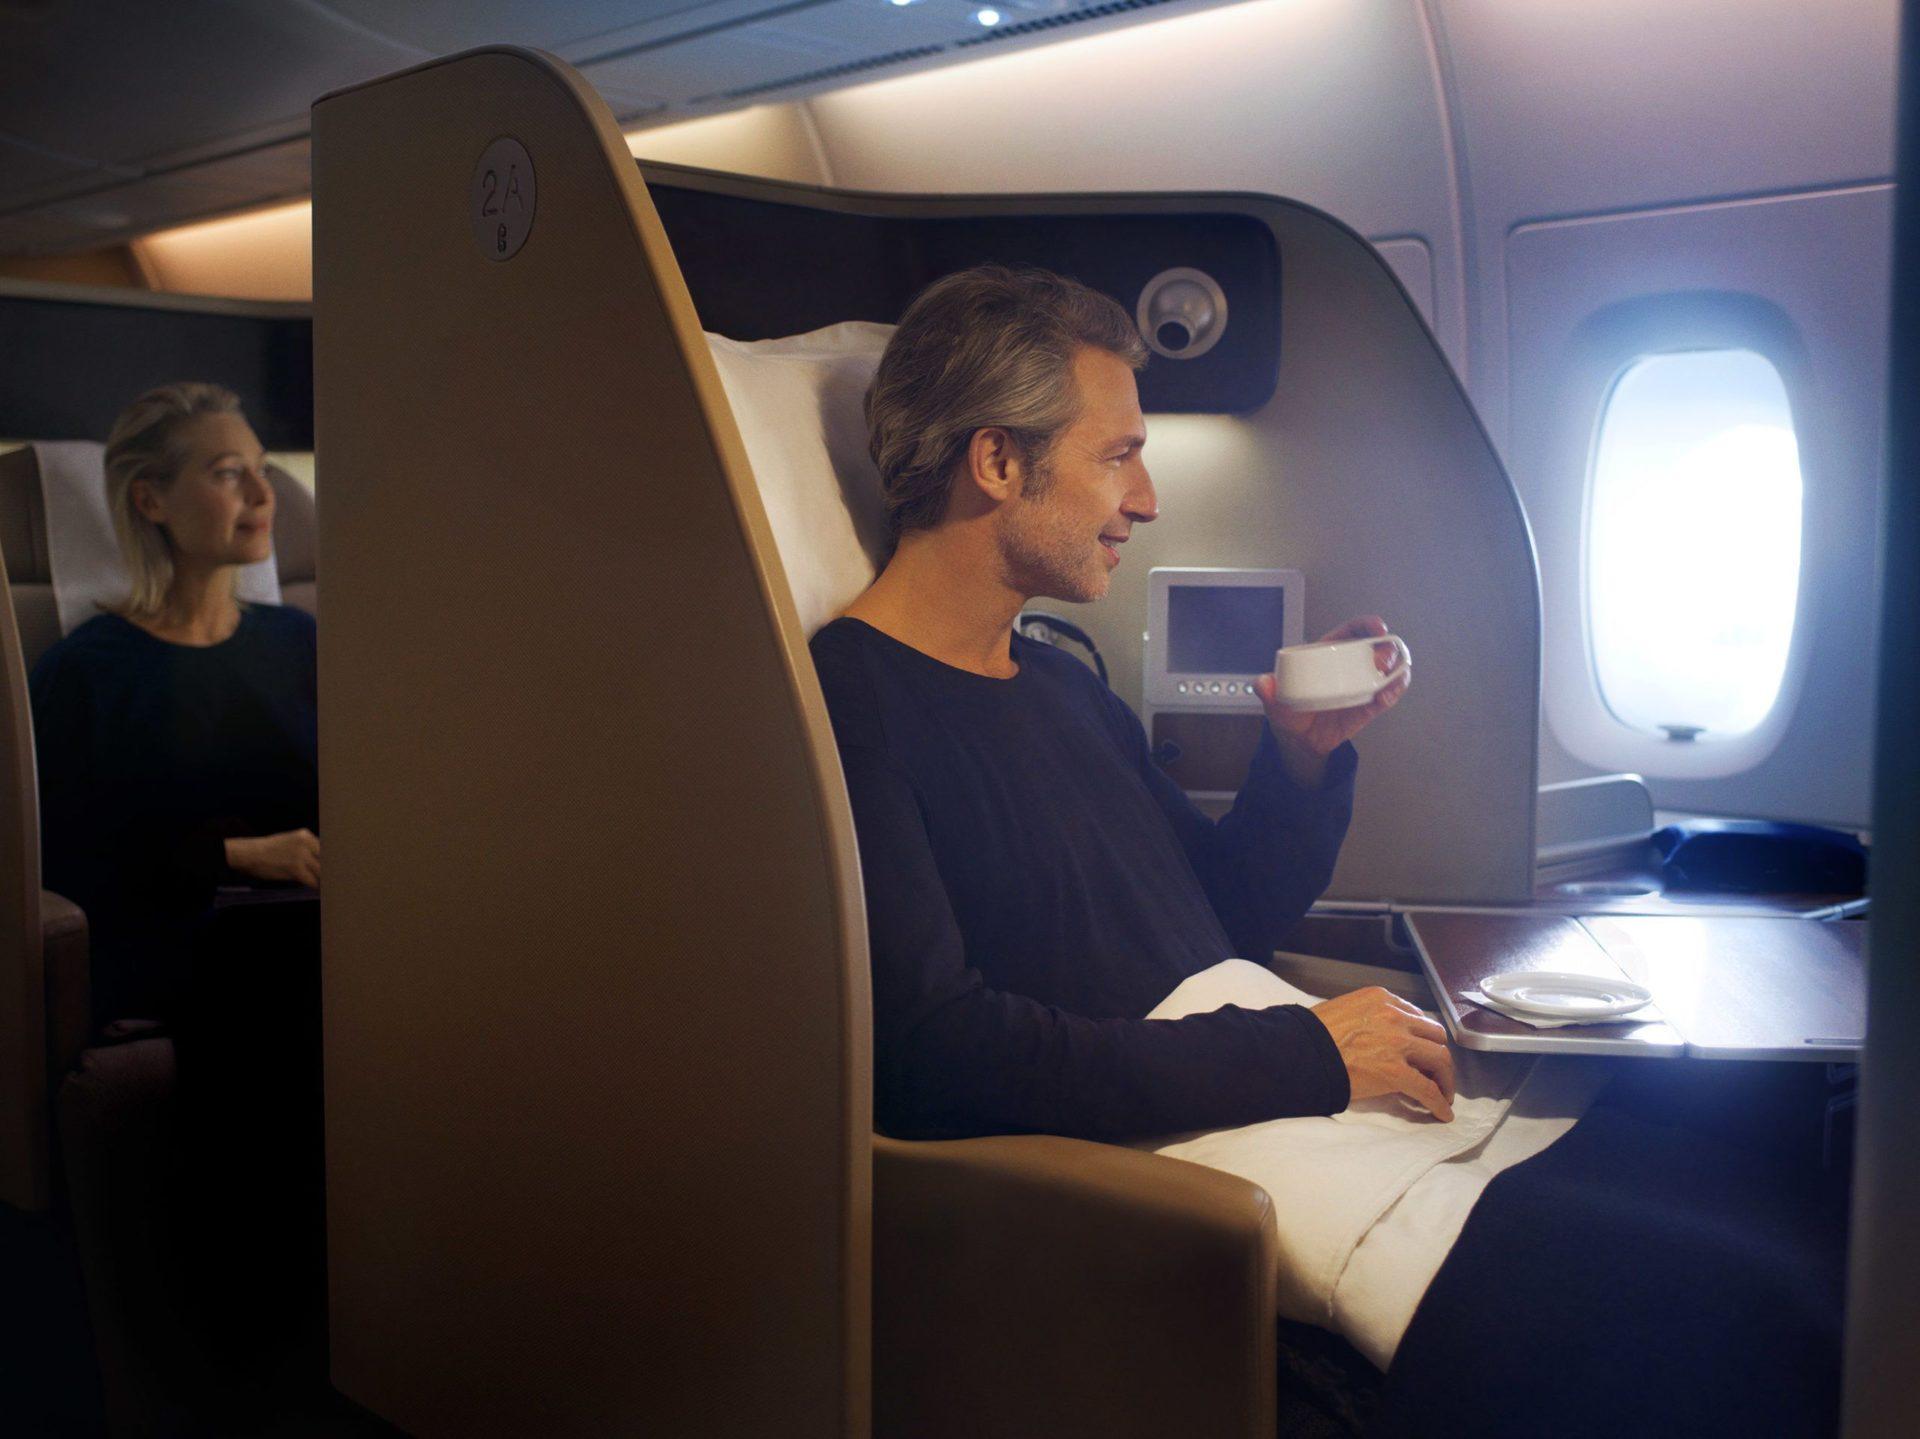 Primeira Classe Qantas